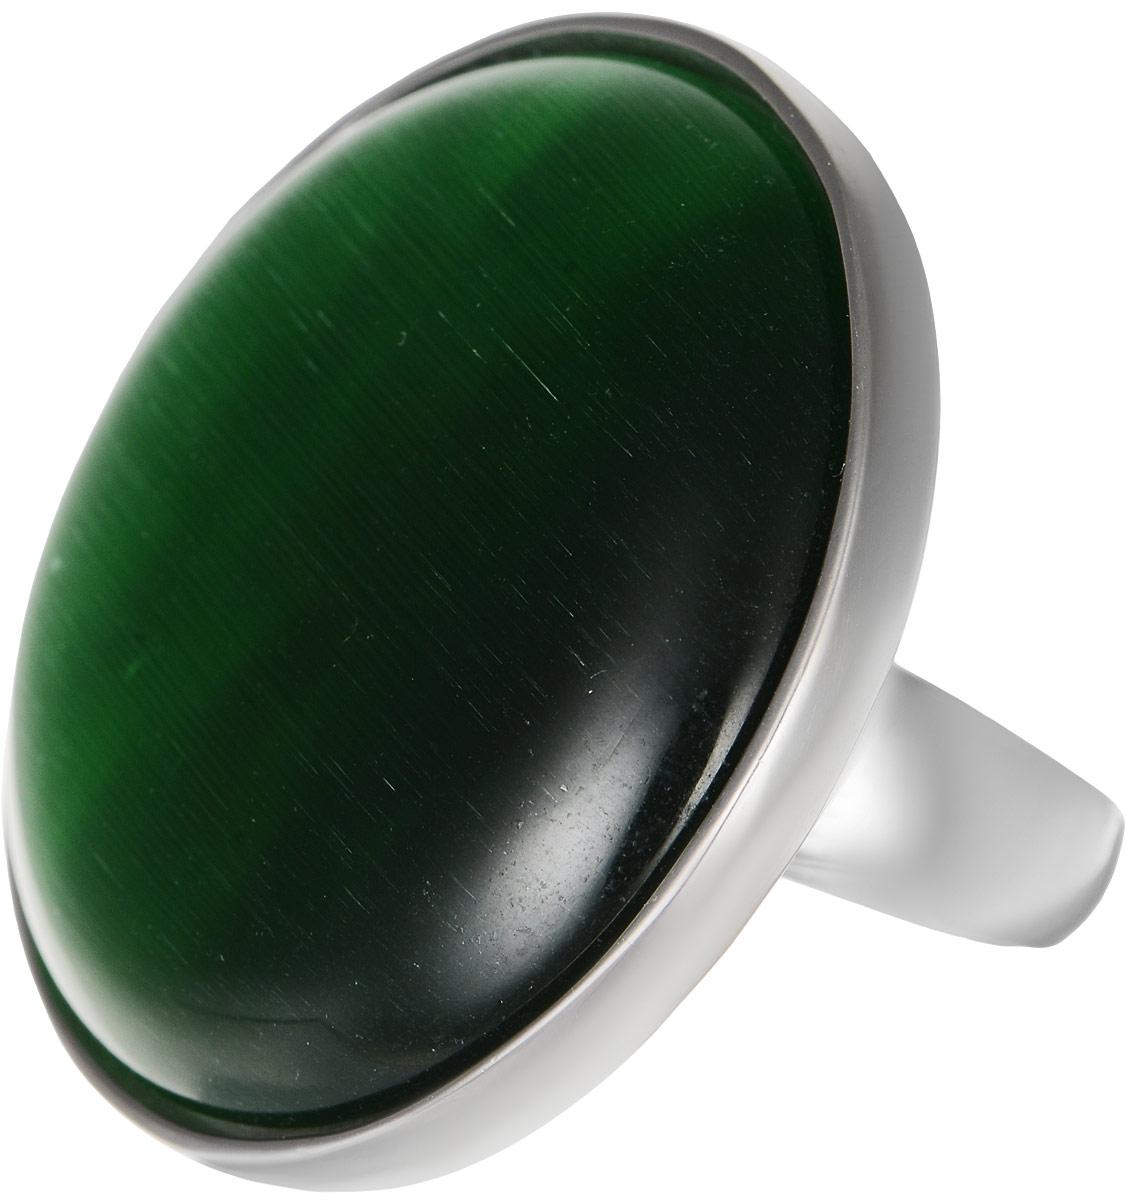 Кольцо Polina Selezneva, цвет: серебристый, зеленый. DG-0020. Размер 17DG-0020-07Оригинальное кольцо Polina Selezneva выполнено из бижутерийного сплава. Изделие круглой формы, дополнено искусственным камнем. Такое кольцо это блестящее завершение вашего неповторимого, смелого образа и отличный подарок для ценительницы необычных украшений!